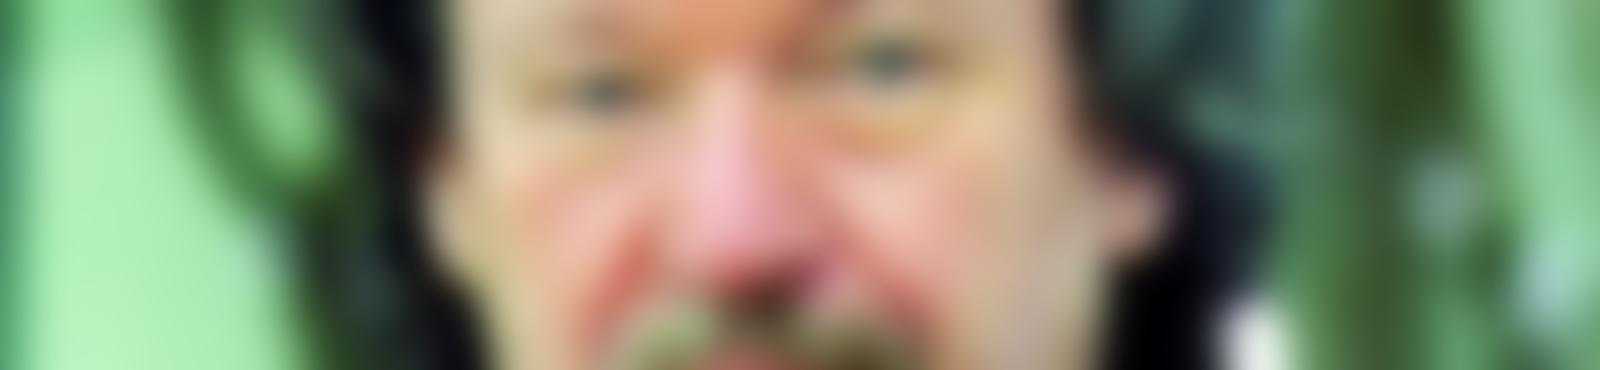 Blurred bf16fc79 1659 421b bb27 9fbbb4aa1d90